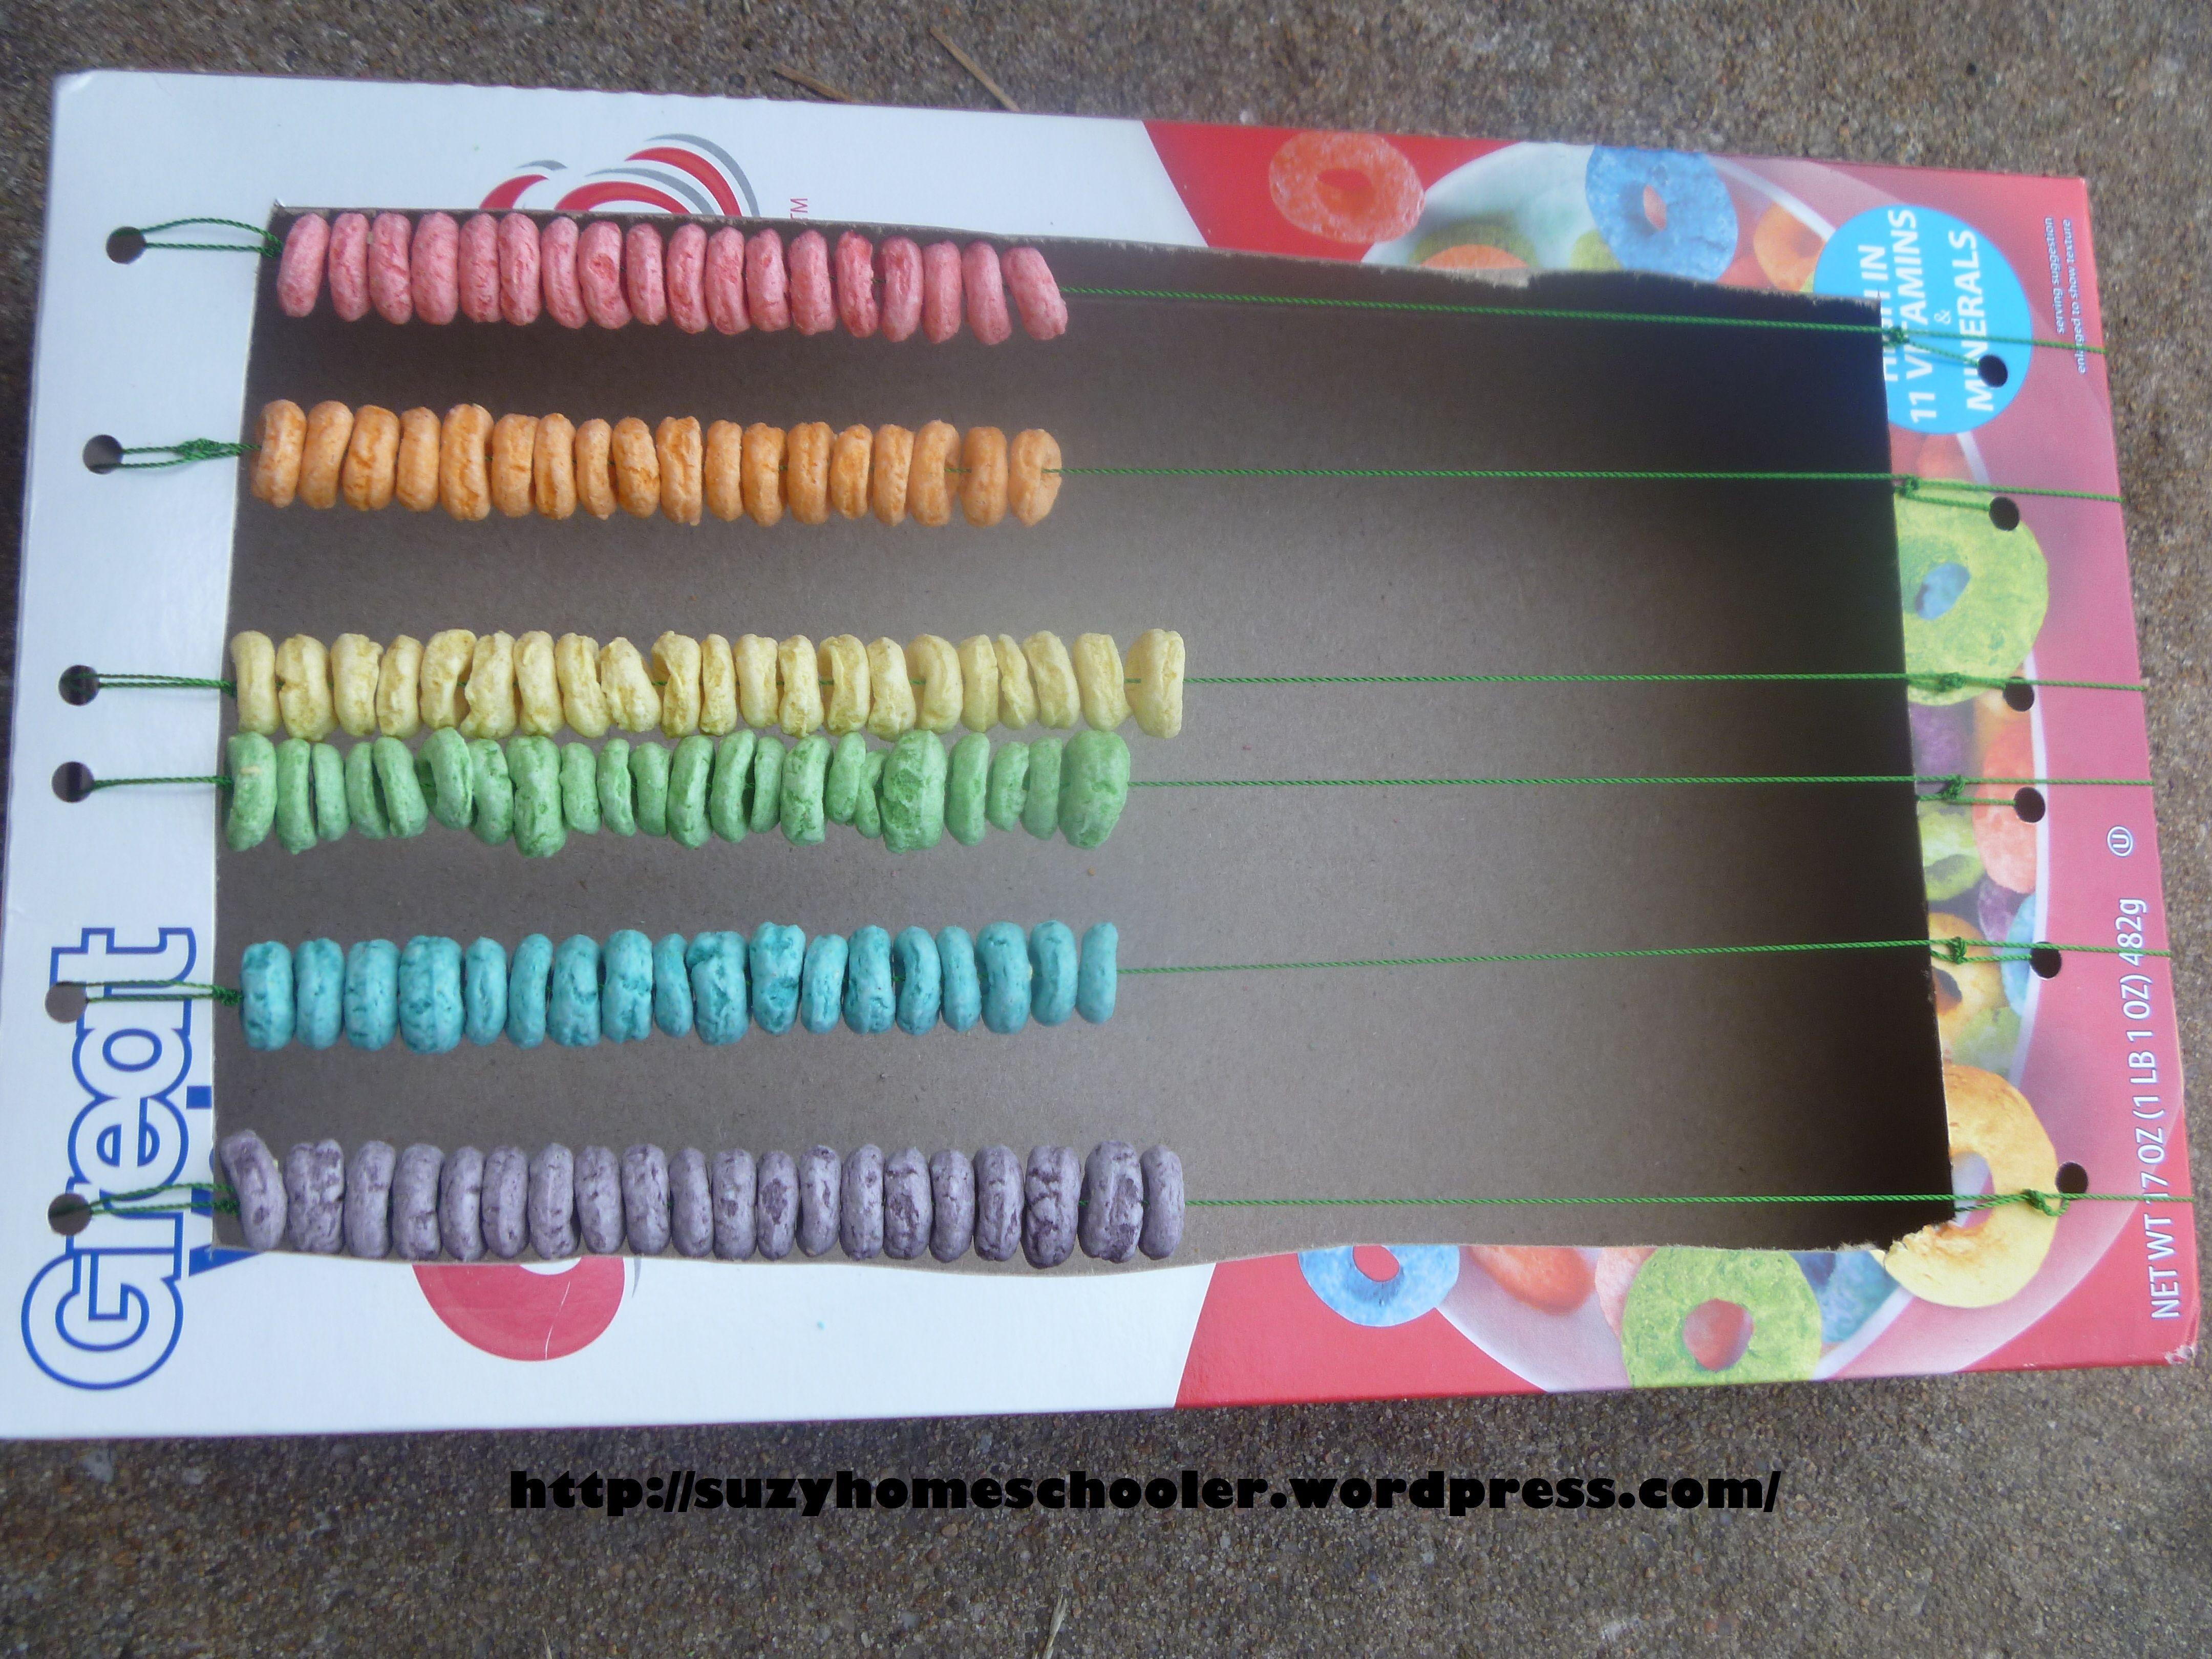 25 Fruit Loop Activities From Suzy Homeschooler Cereal